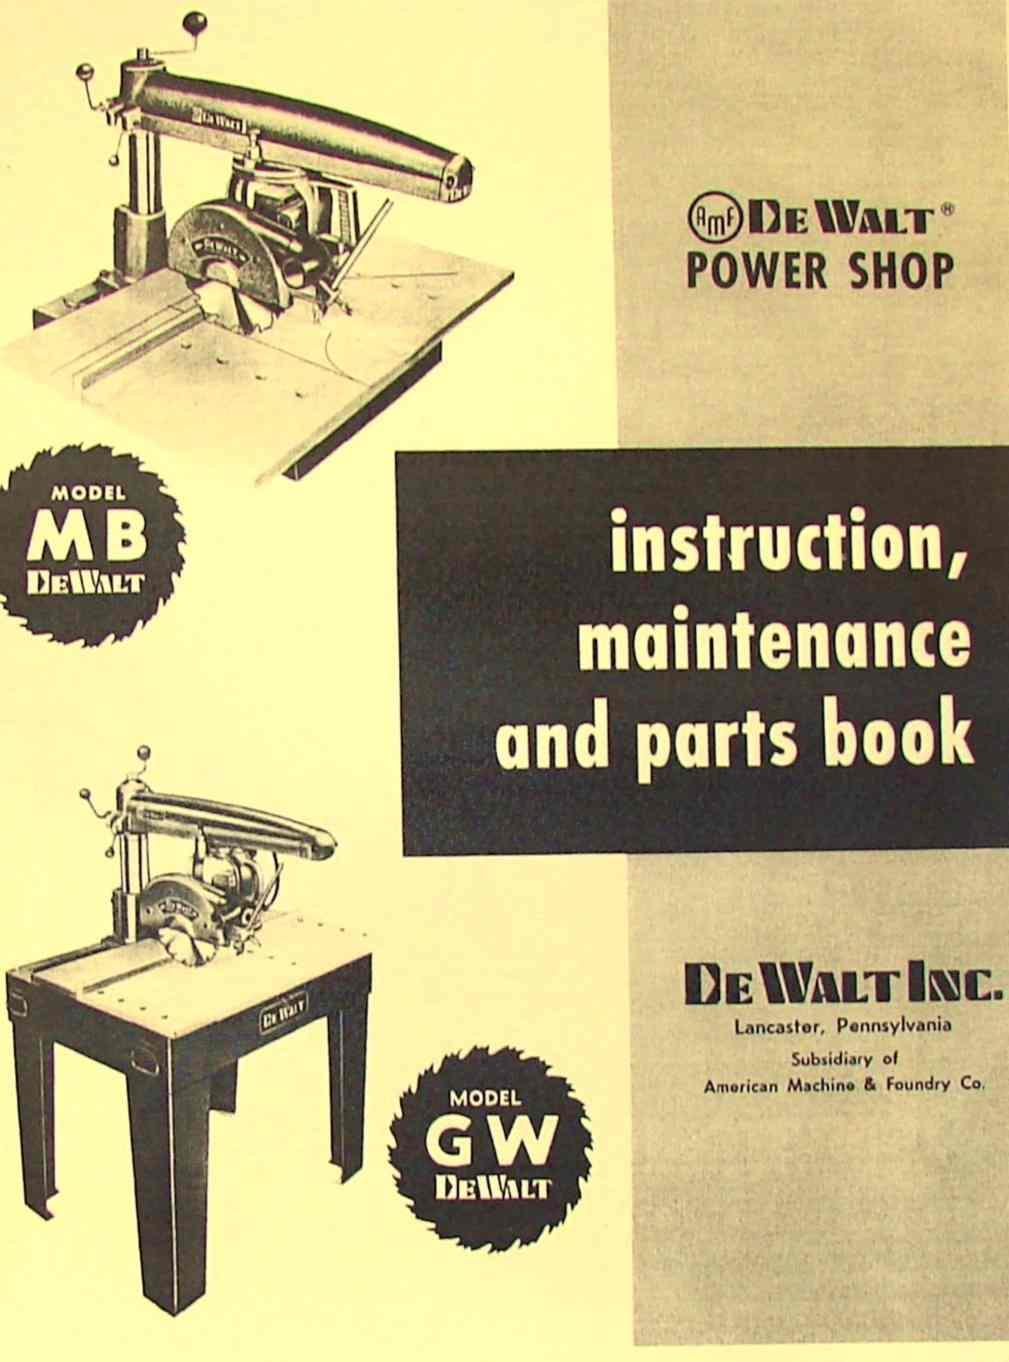 DEWALT MB & GW Radial Arm Saw Instructions & Parts Manual | Ozark Tool Manuals & Books